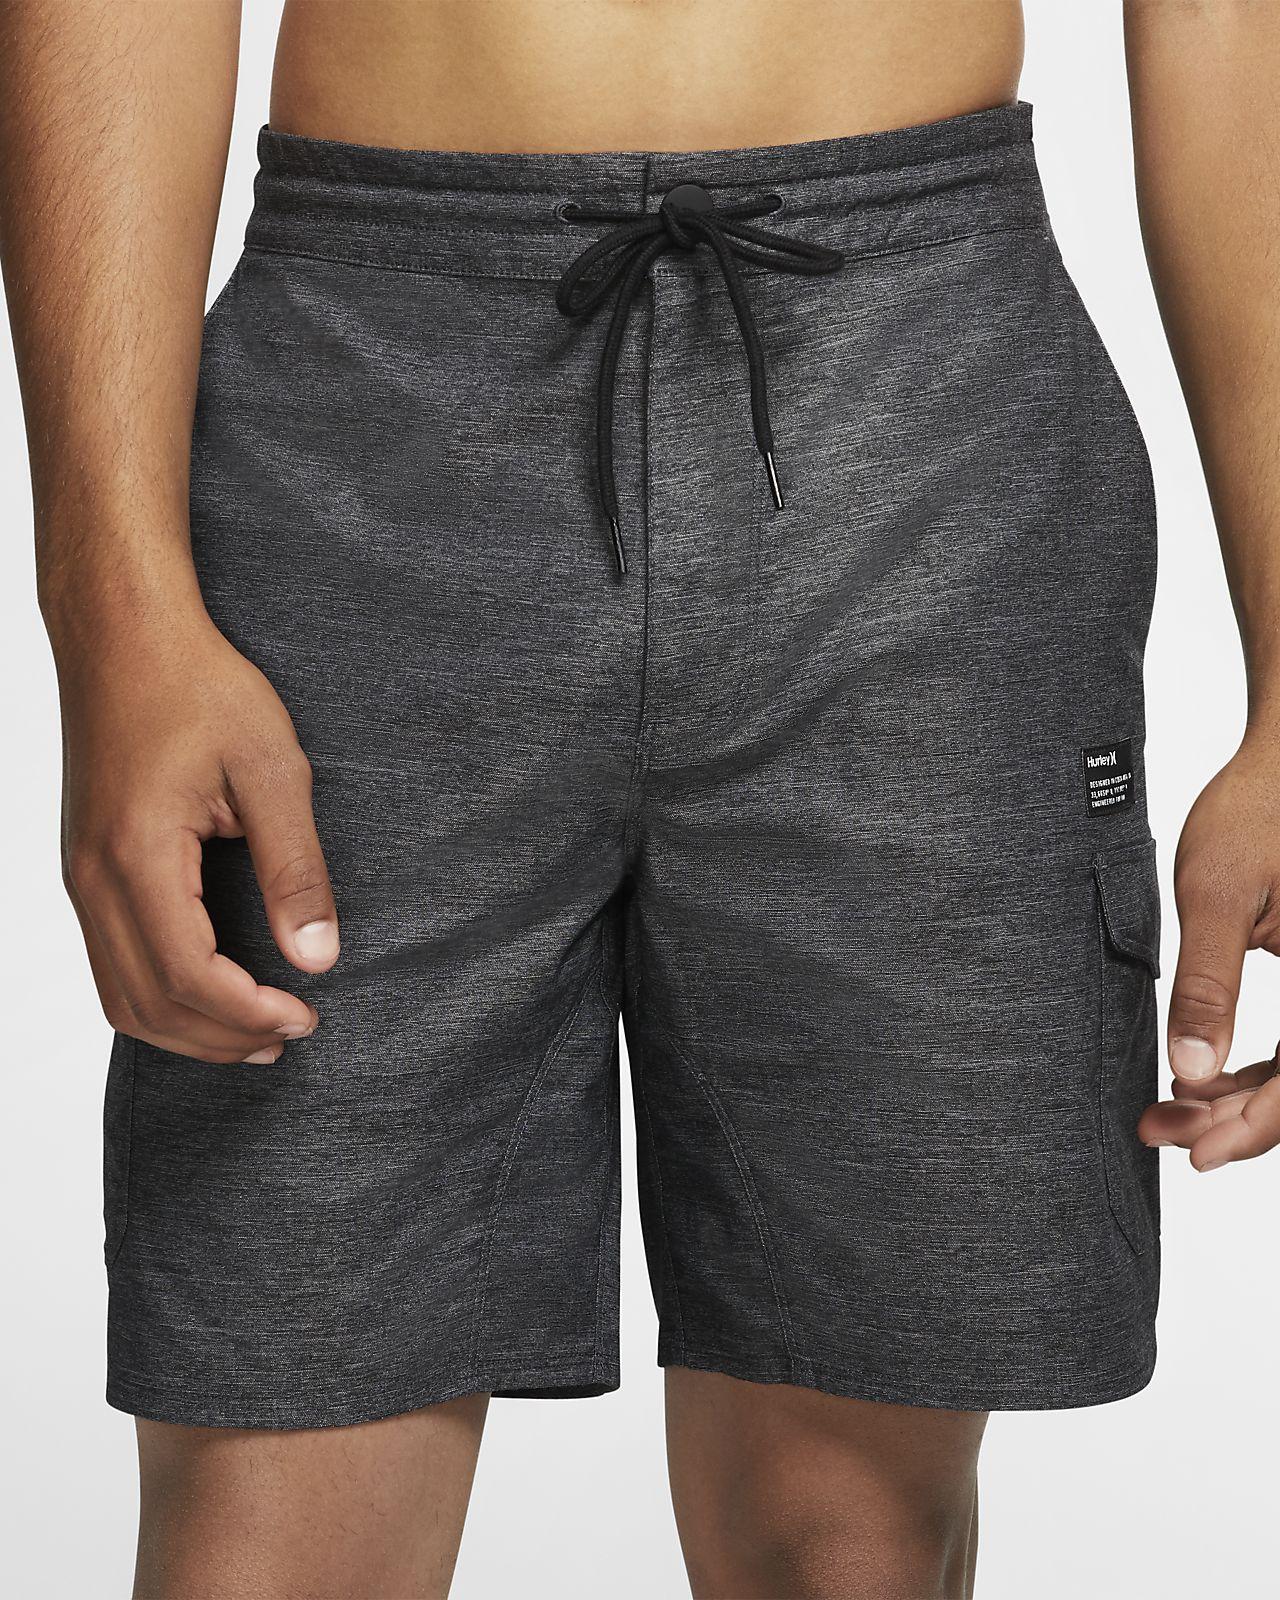 ハーレー Dri-FIT ブリーズ メンズ 19インチ カーゴ ショートパンツ